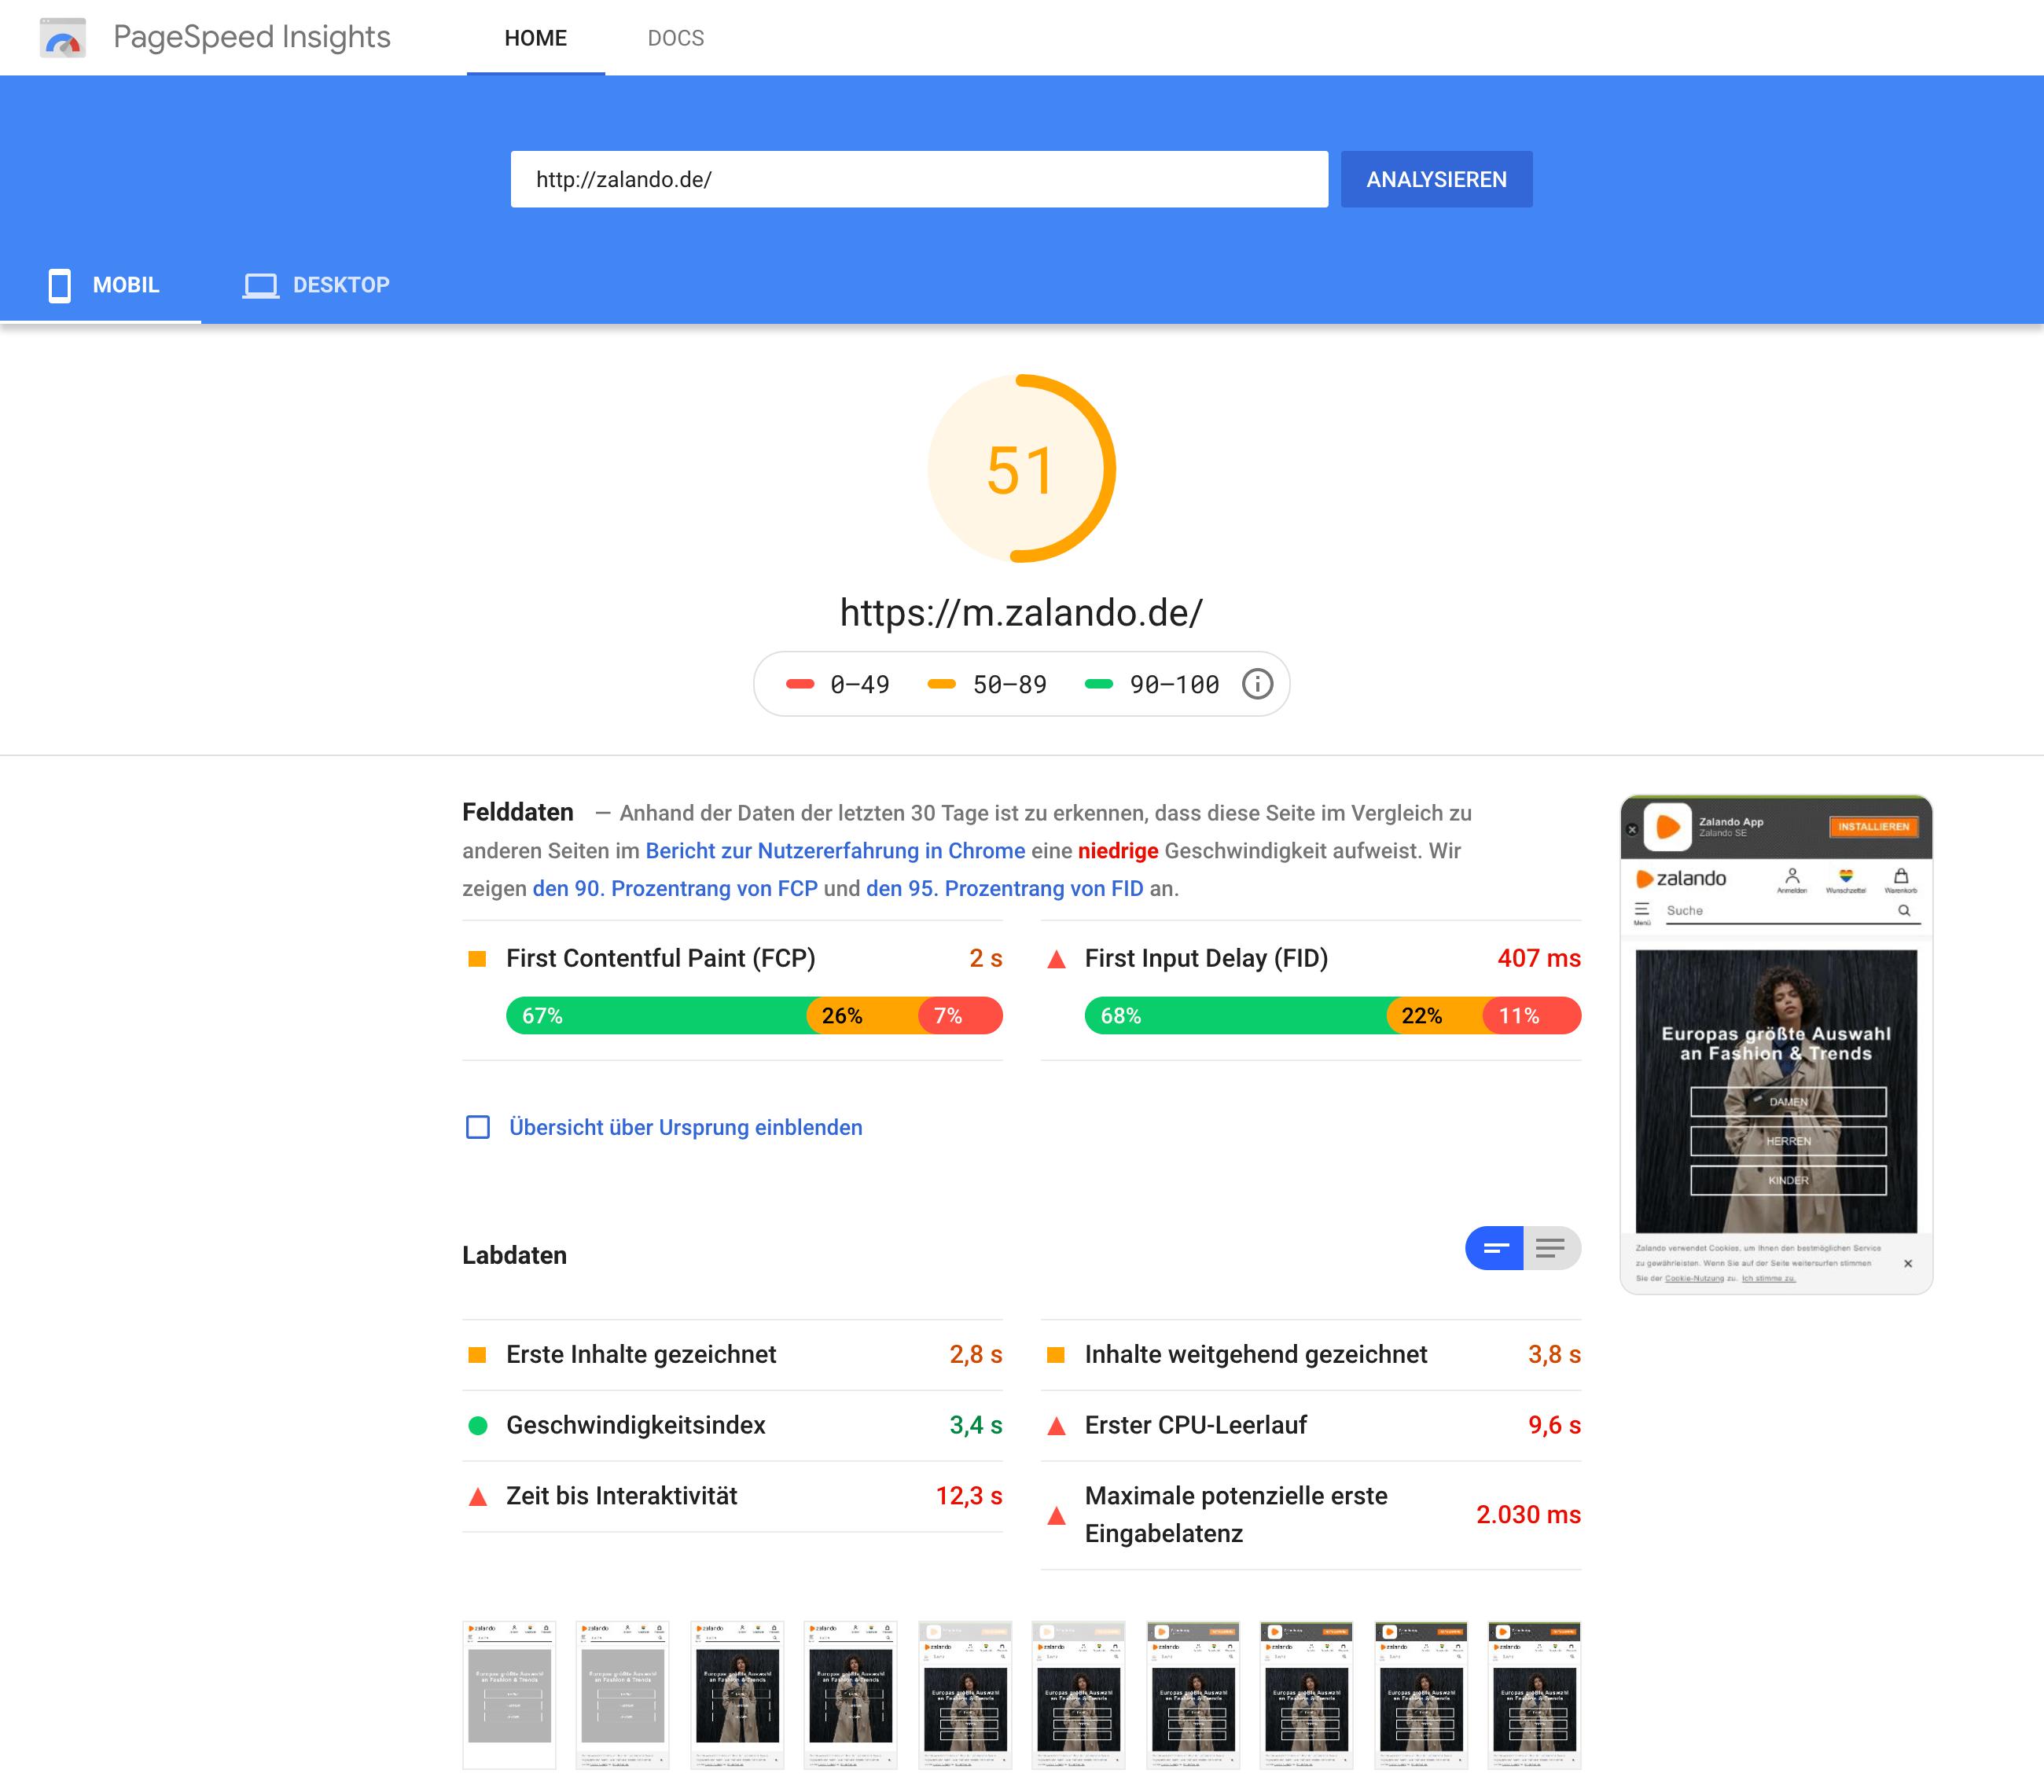 Screenshot aus den Google PageSpeed Insights für zalando.de. Es ist eine Zusammenfassende Wertung zu sehen und darunter eine Einordnung sowie Ladedaten.